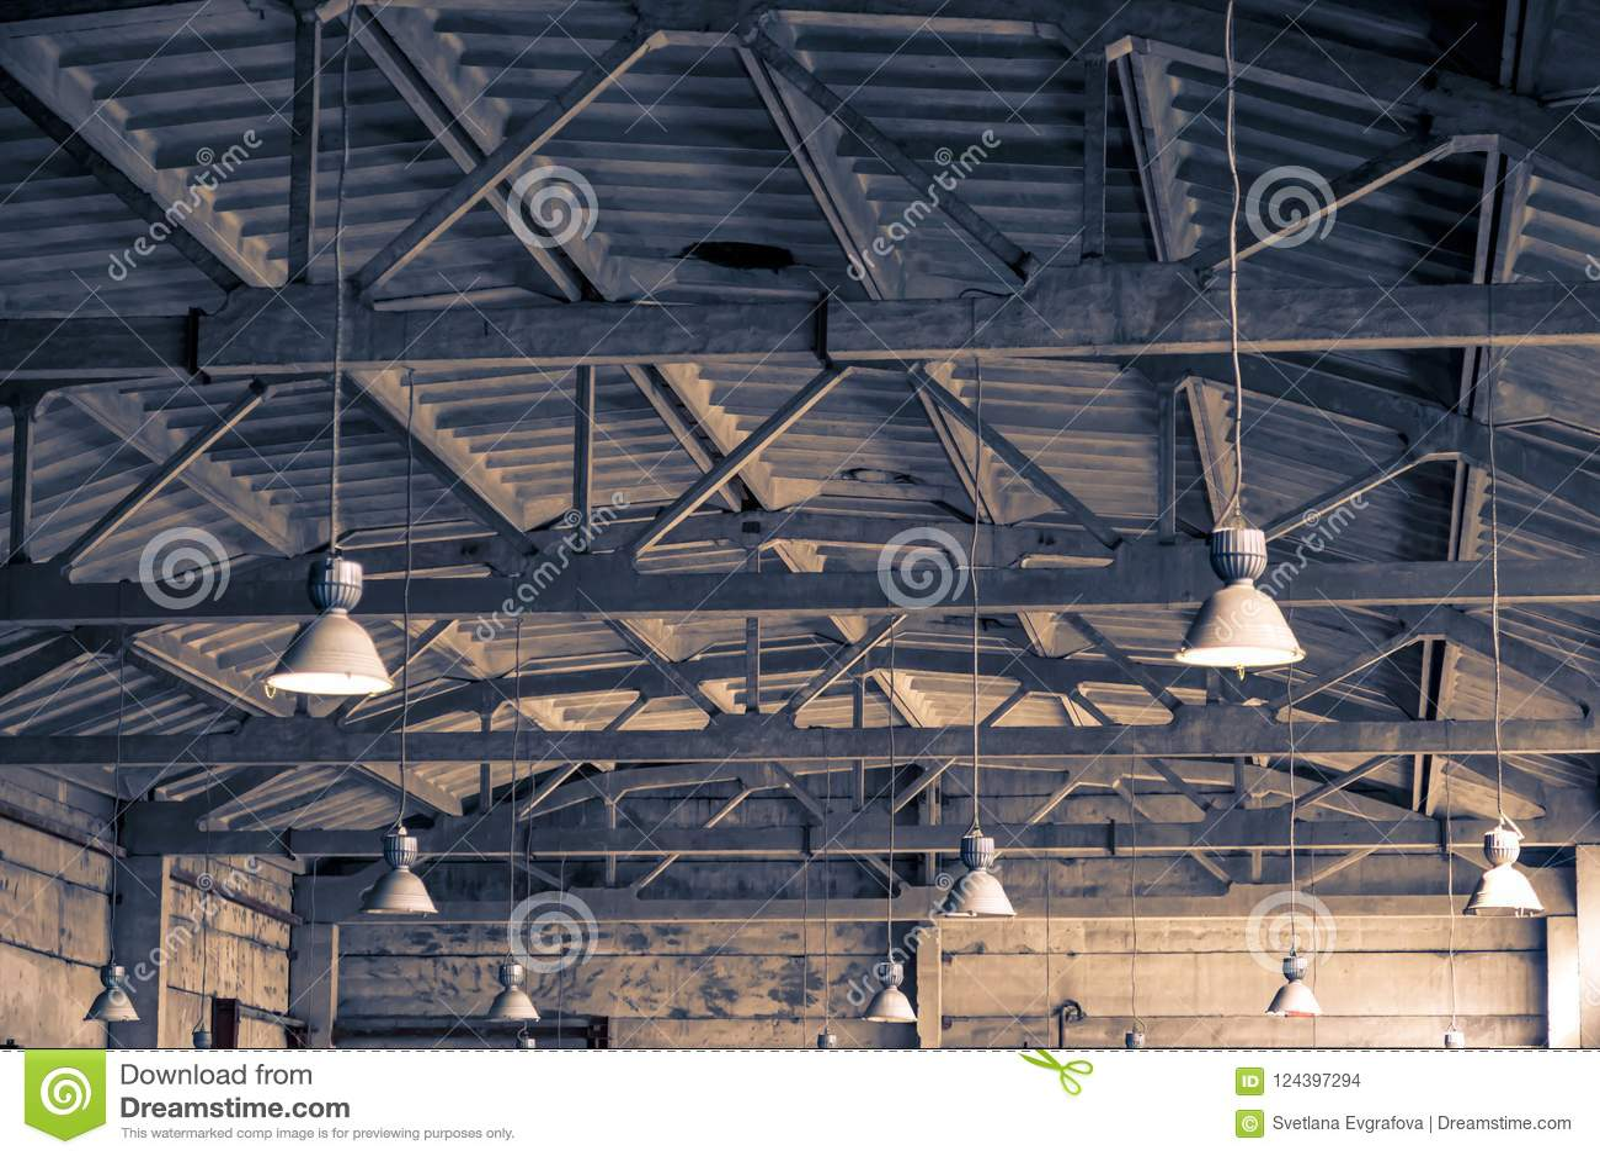 Fondo industriale architettonico soffitto tetto e illuminazione